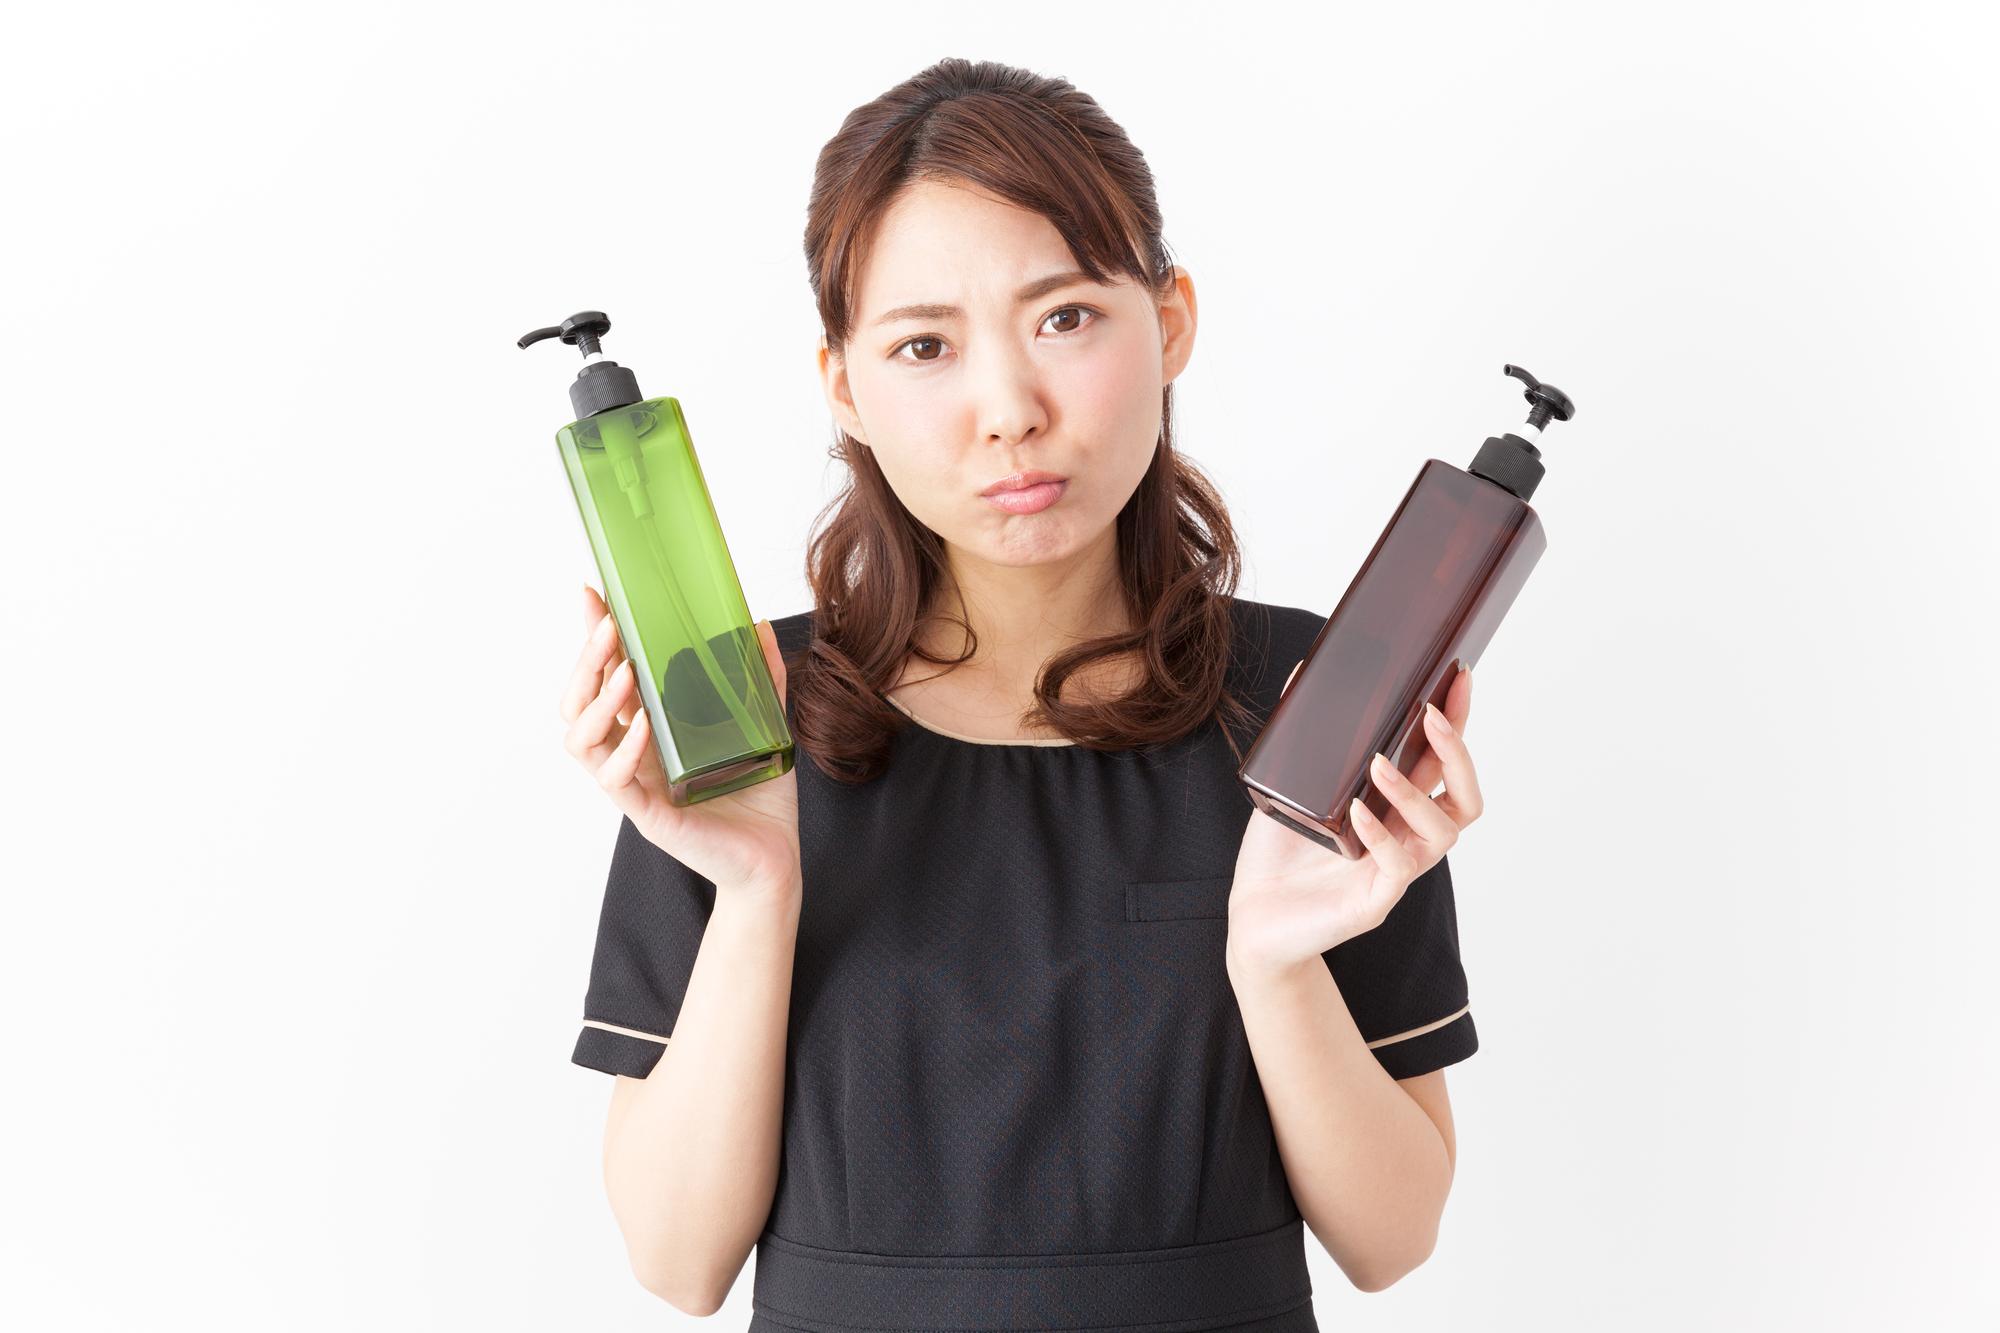 皮膚からさまざまな成分が浸透する「経皮吸収」って? いつも使っているシャンプーやヘアカラー剤は大丈夫?